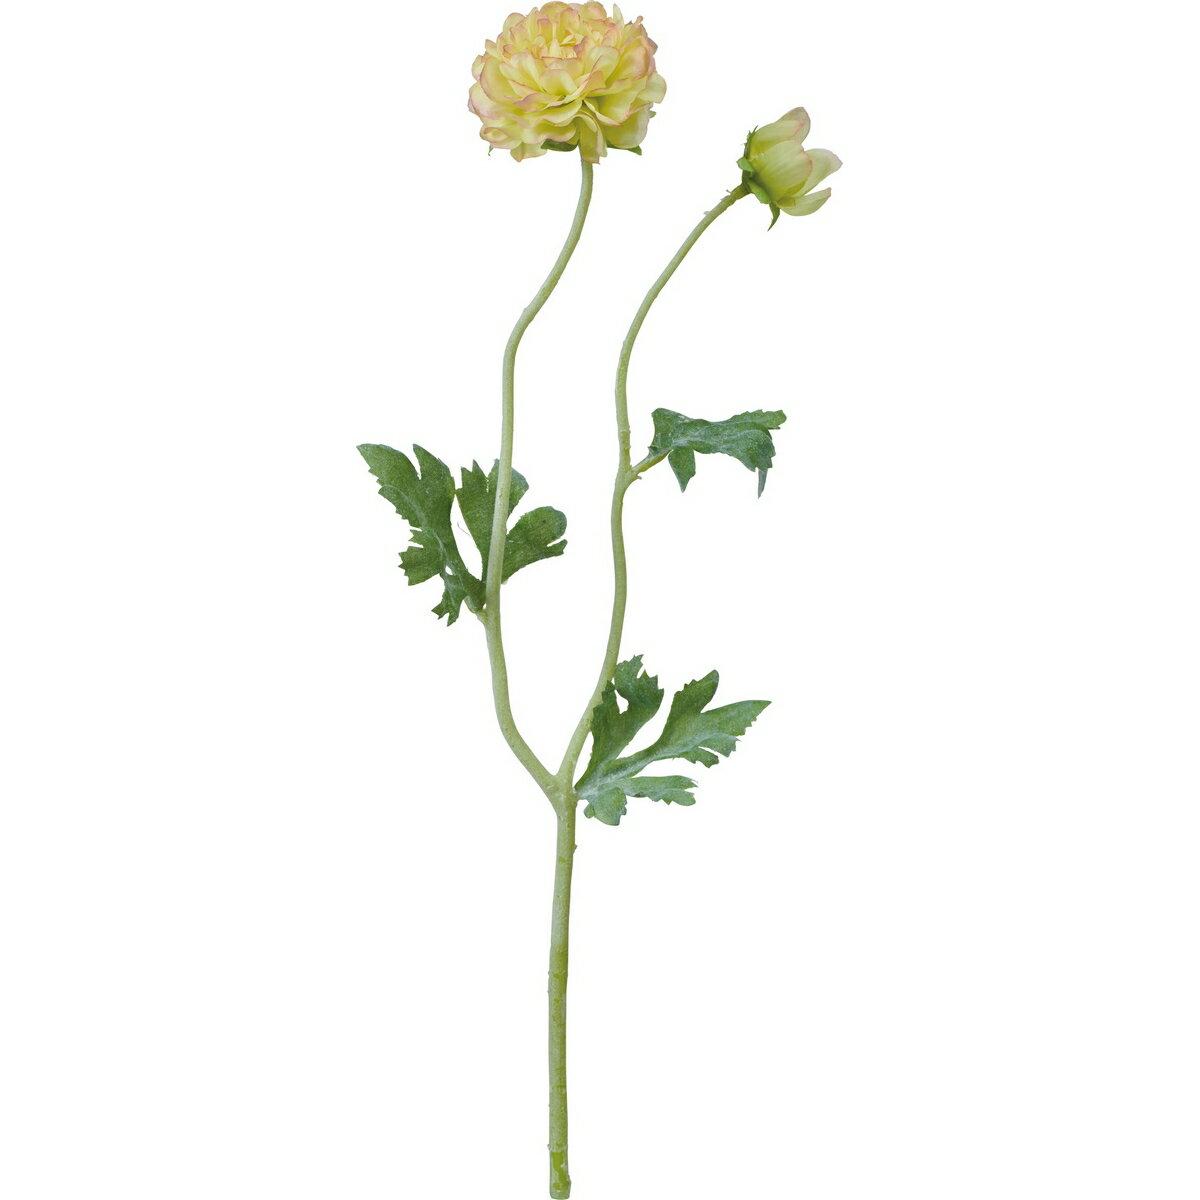 【造花】YDM/フラッフィーラナンキュラス ライトグリーン/FA7056-LGR【01】【取寄】《 造花(アーティフィシャルフラワー) 造花 花材「ら行」 ラナンキュラス 》